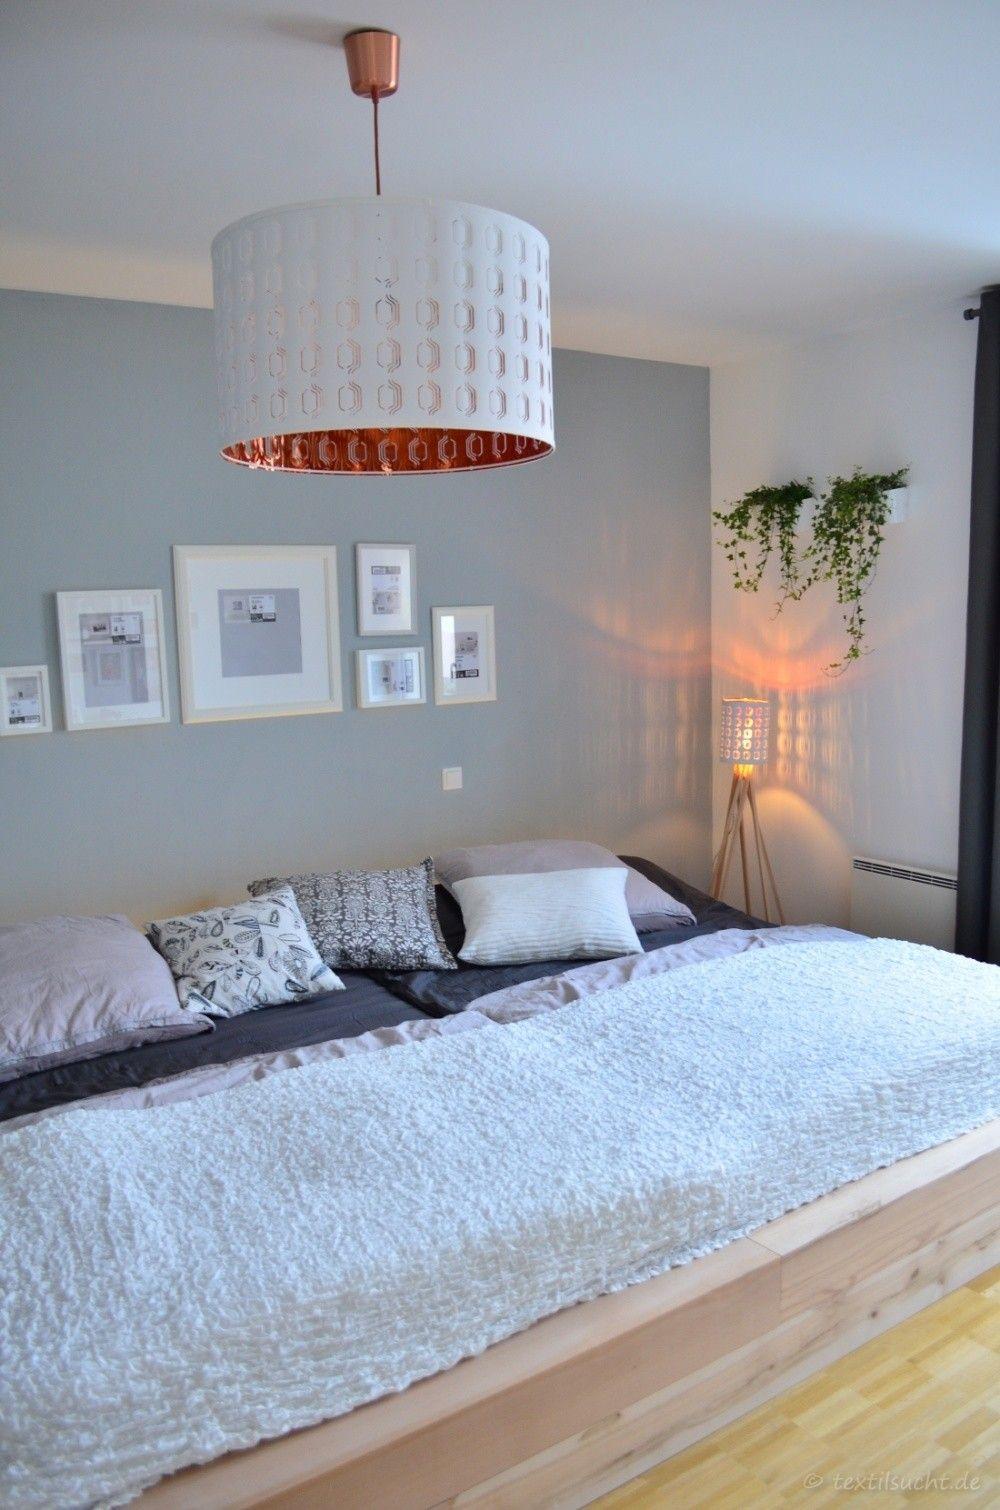 einmal neues schlafzimmer bitte familienbett bauen bild 1 bedrooms. Black Bedroom Furniture Sets. Home Design Ideas